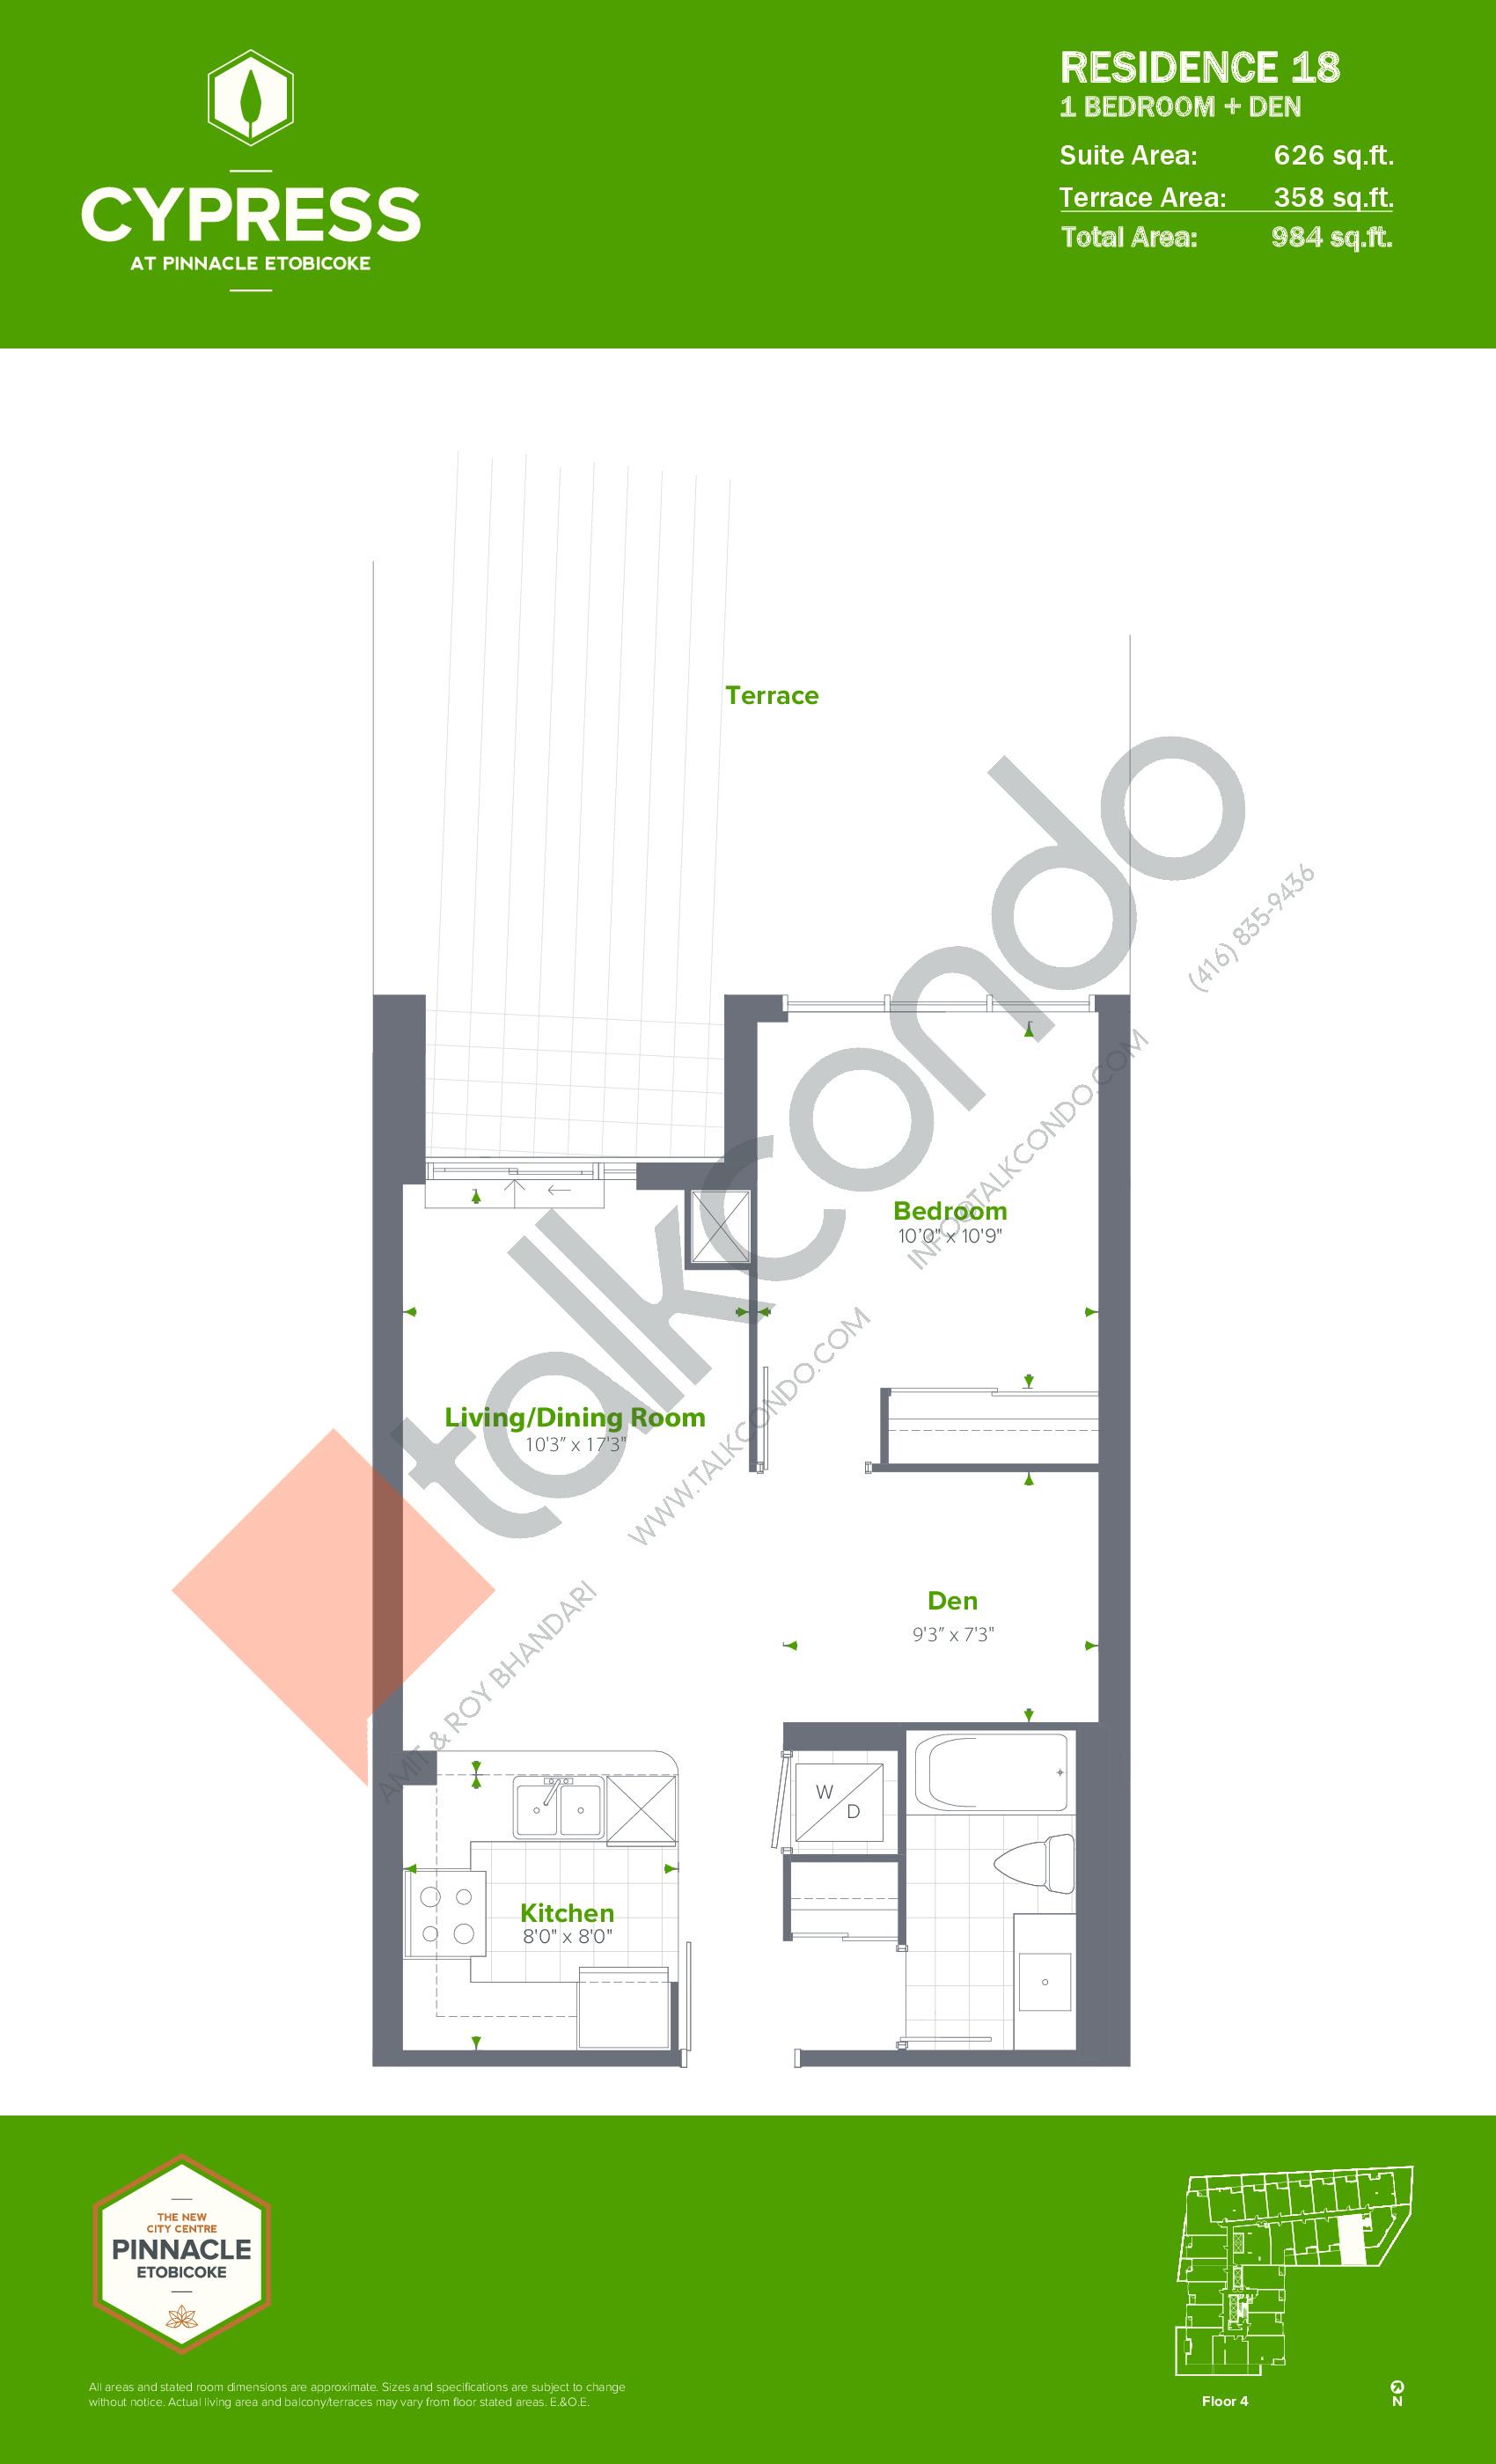 Residence 18 Floor Plan at Cypress at Pinnacle Etobicoke - 626 sq.ft